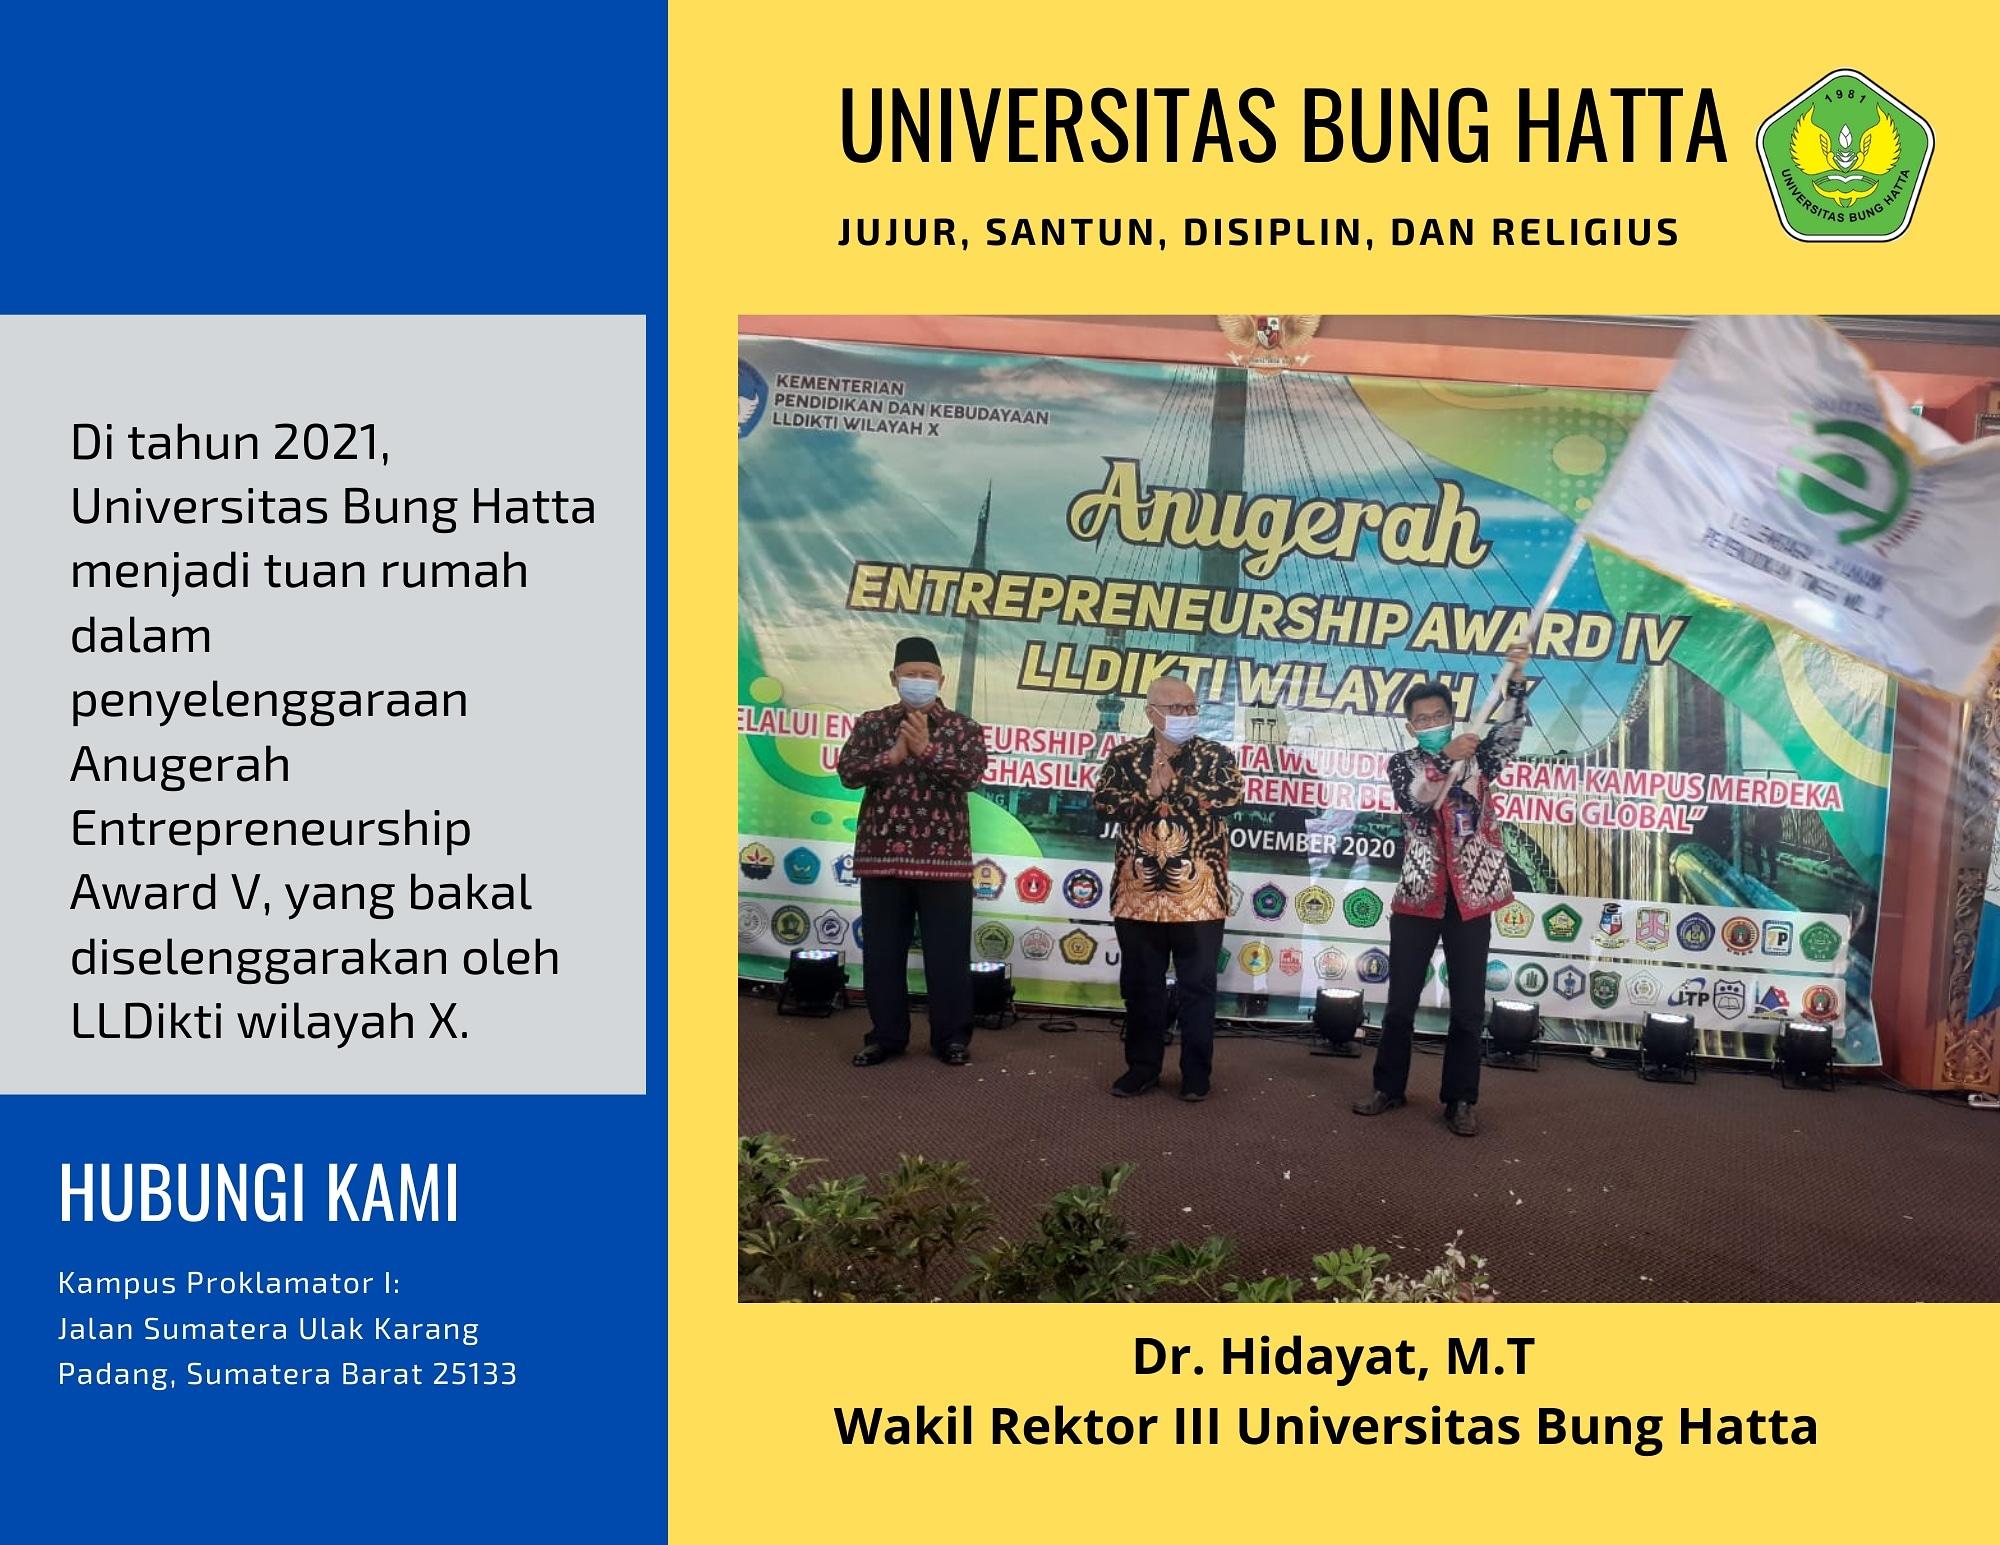 Bendera Pataka Entrepreneurship Award 2021 diterima oleh Universitas Bung Hatta